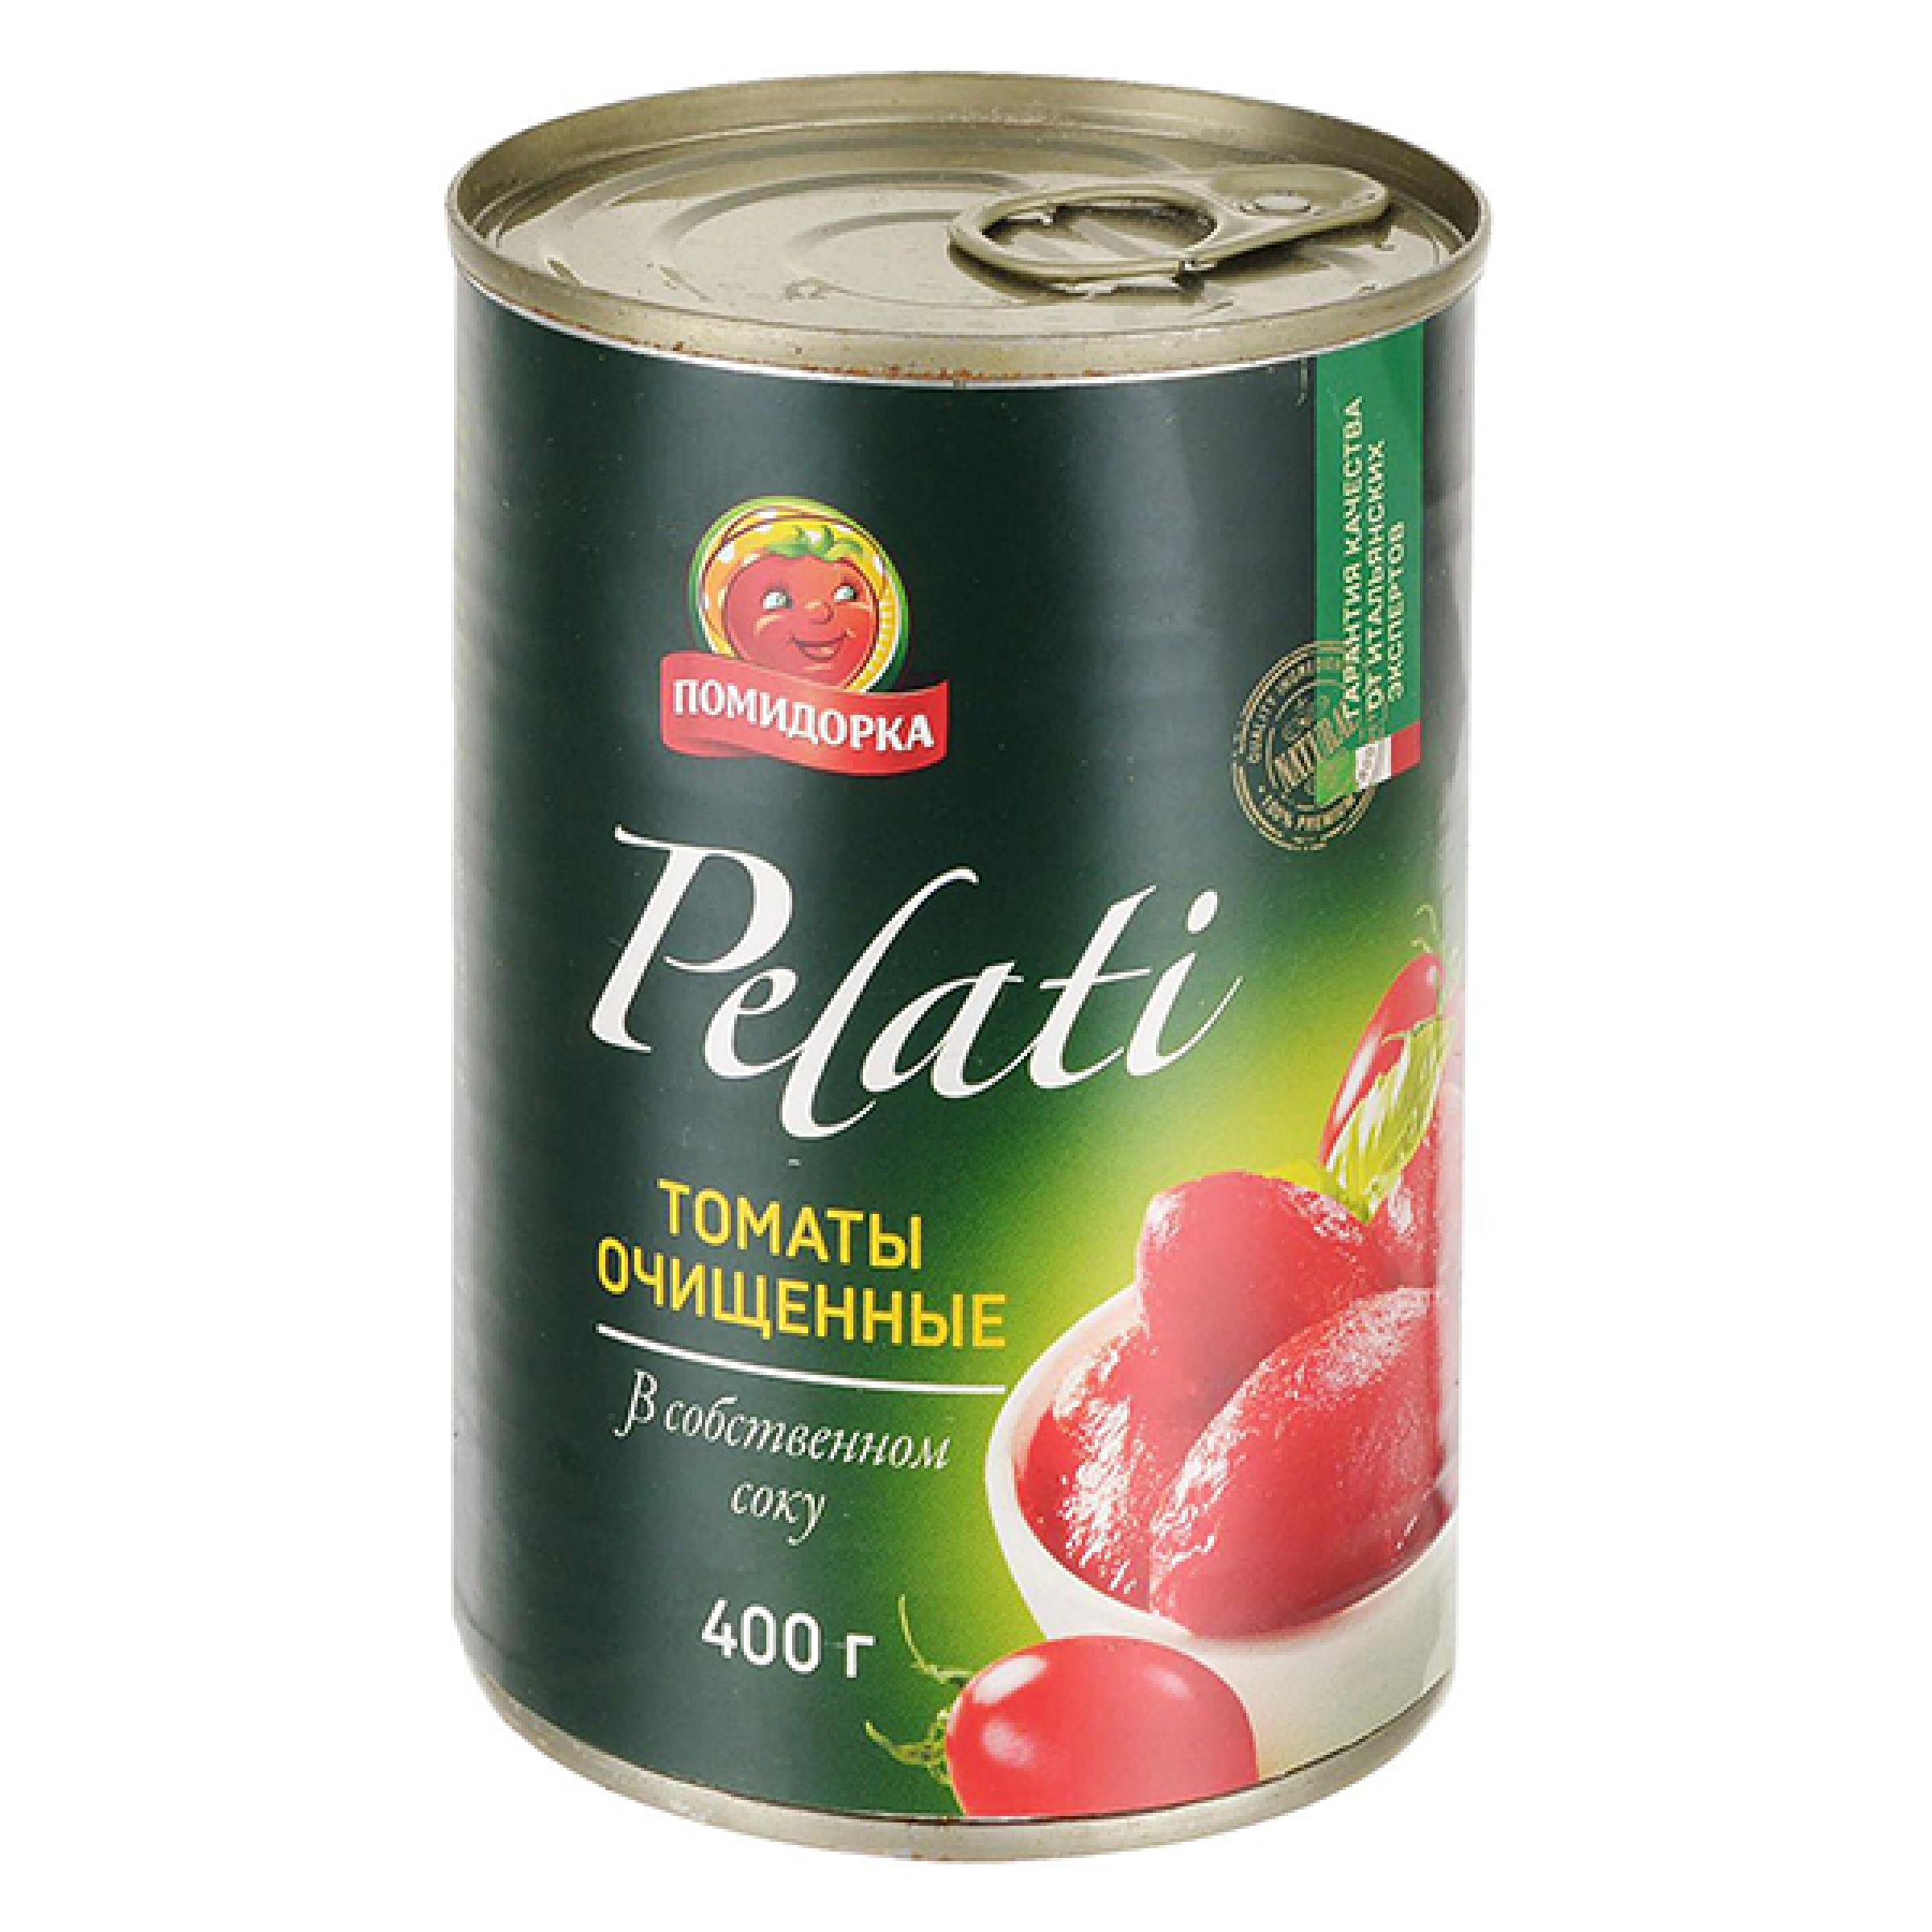 """Томаты очищенные в собственном соку Pelati """"Помидорка"""", 425гр"""